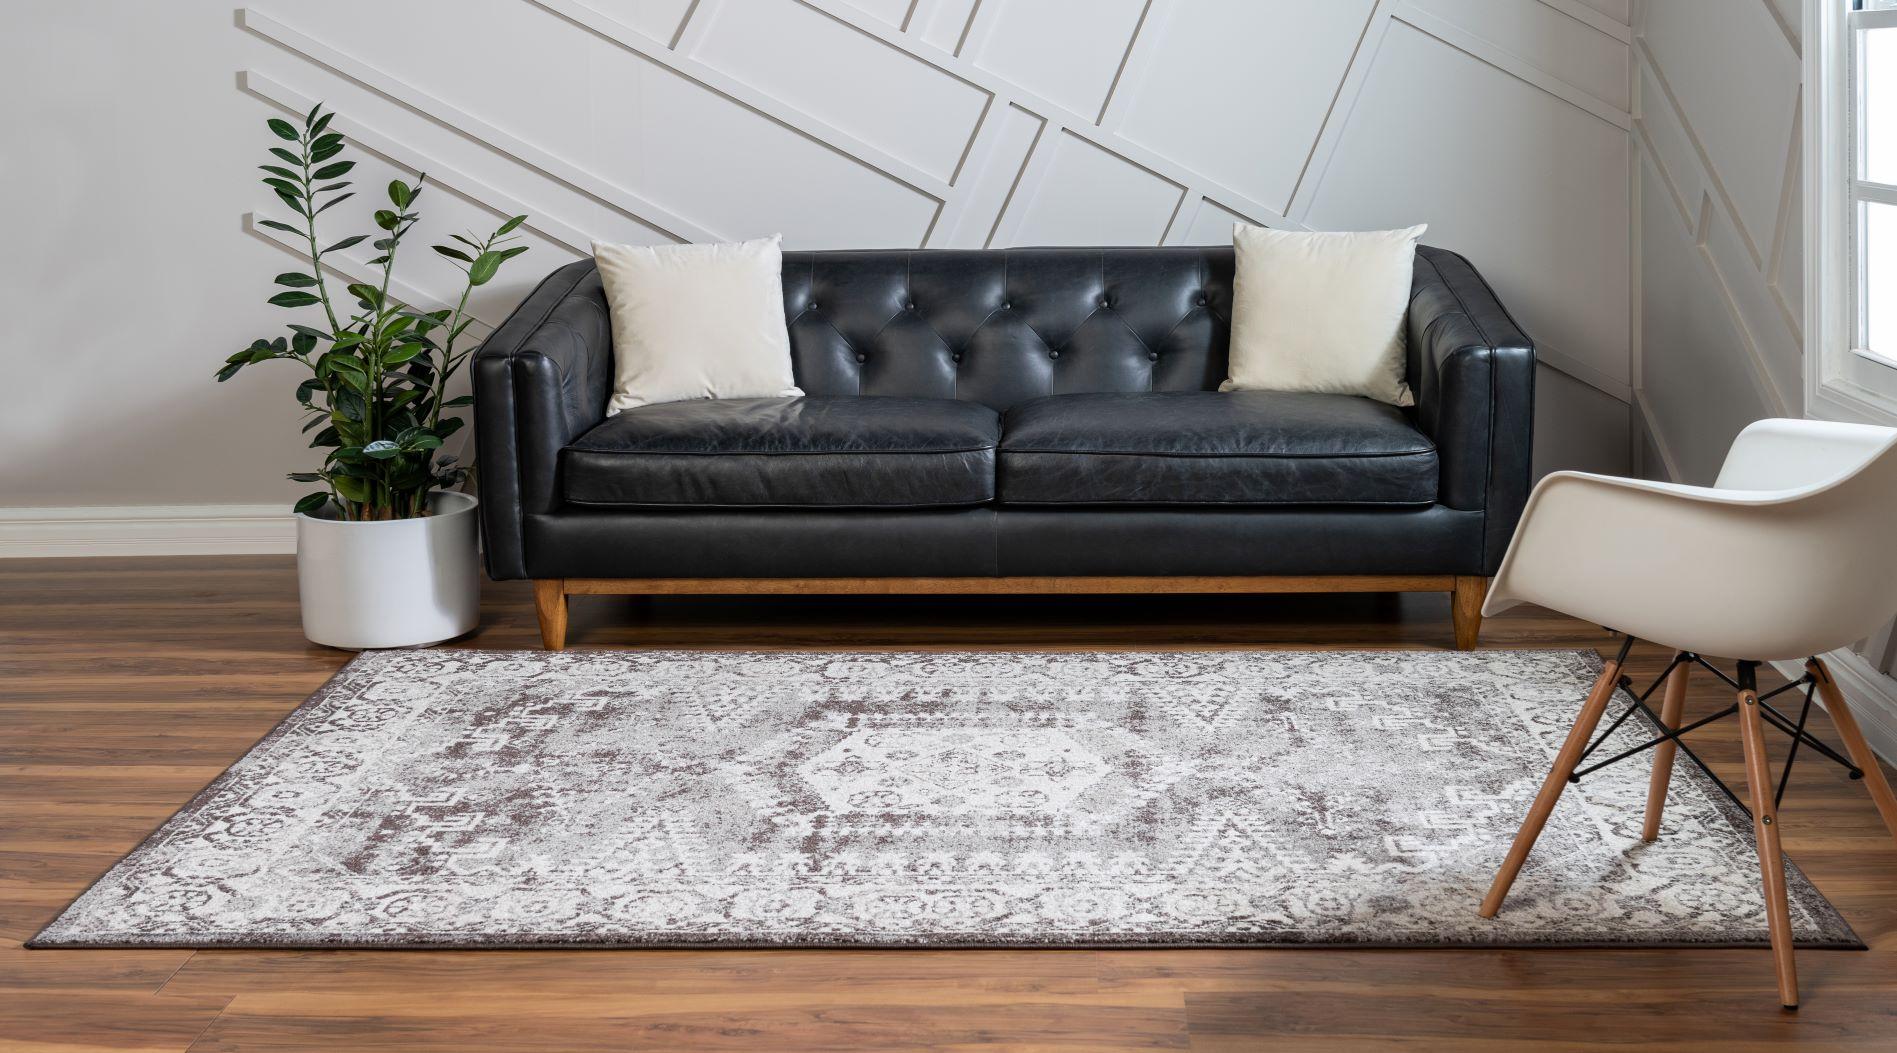 Eden rug in a living room